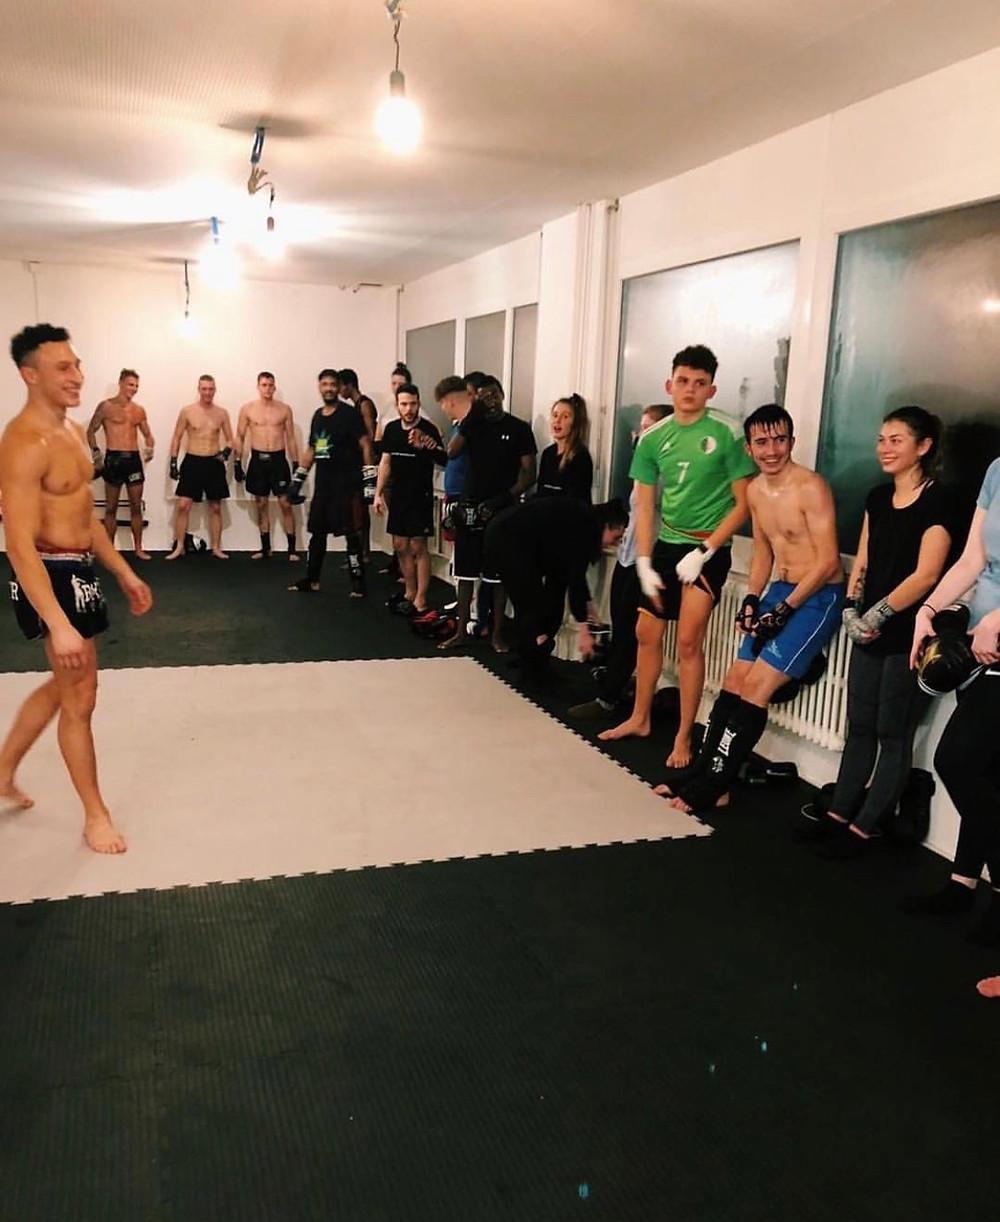 Carlos mit Freude nach einem erfolgreichen Training mit den Athleten.